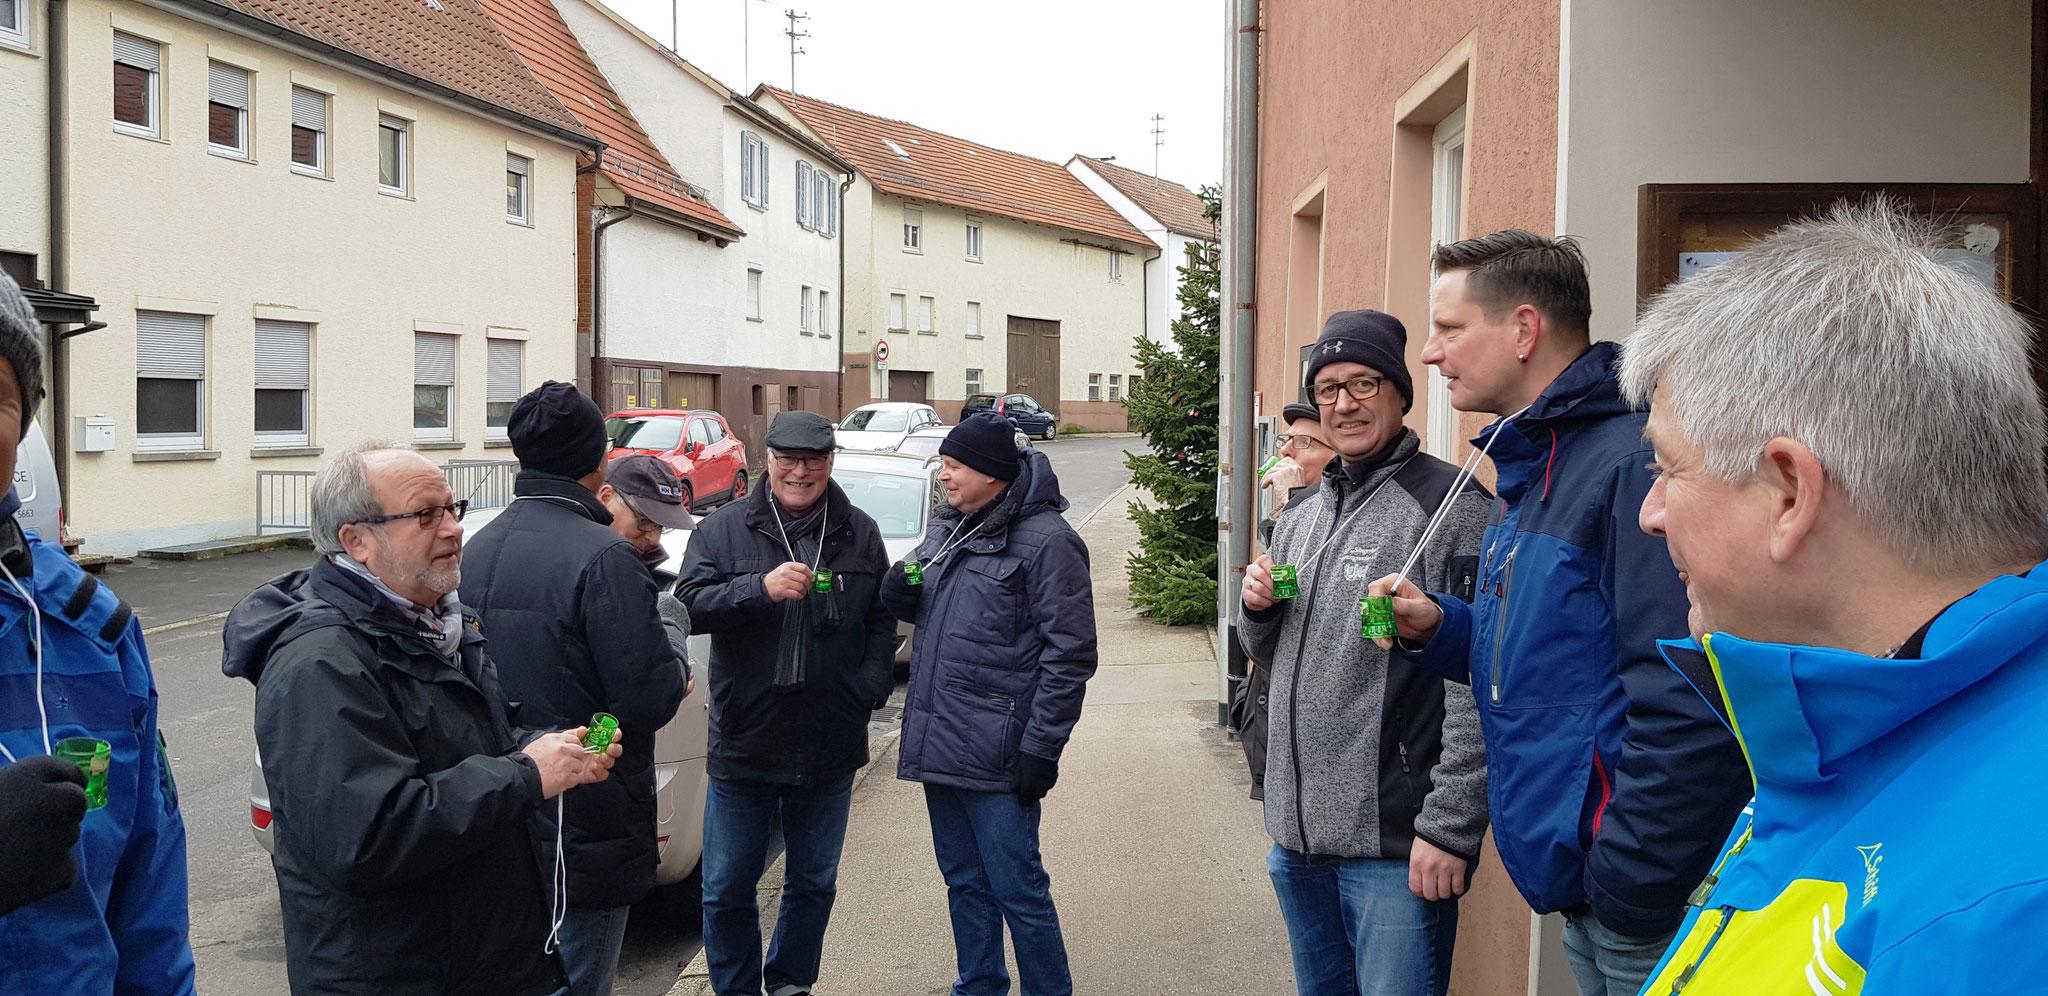 MGV 'Sängerlust' Breuningsweiler - Winterwanderung